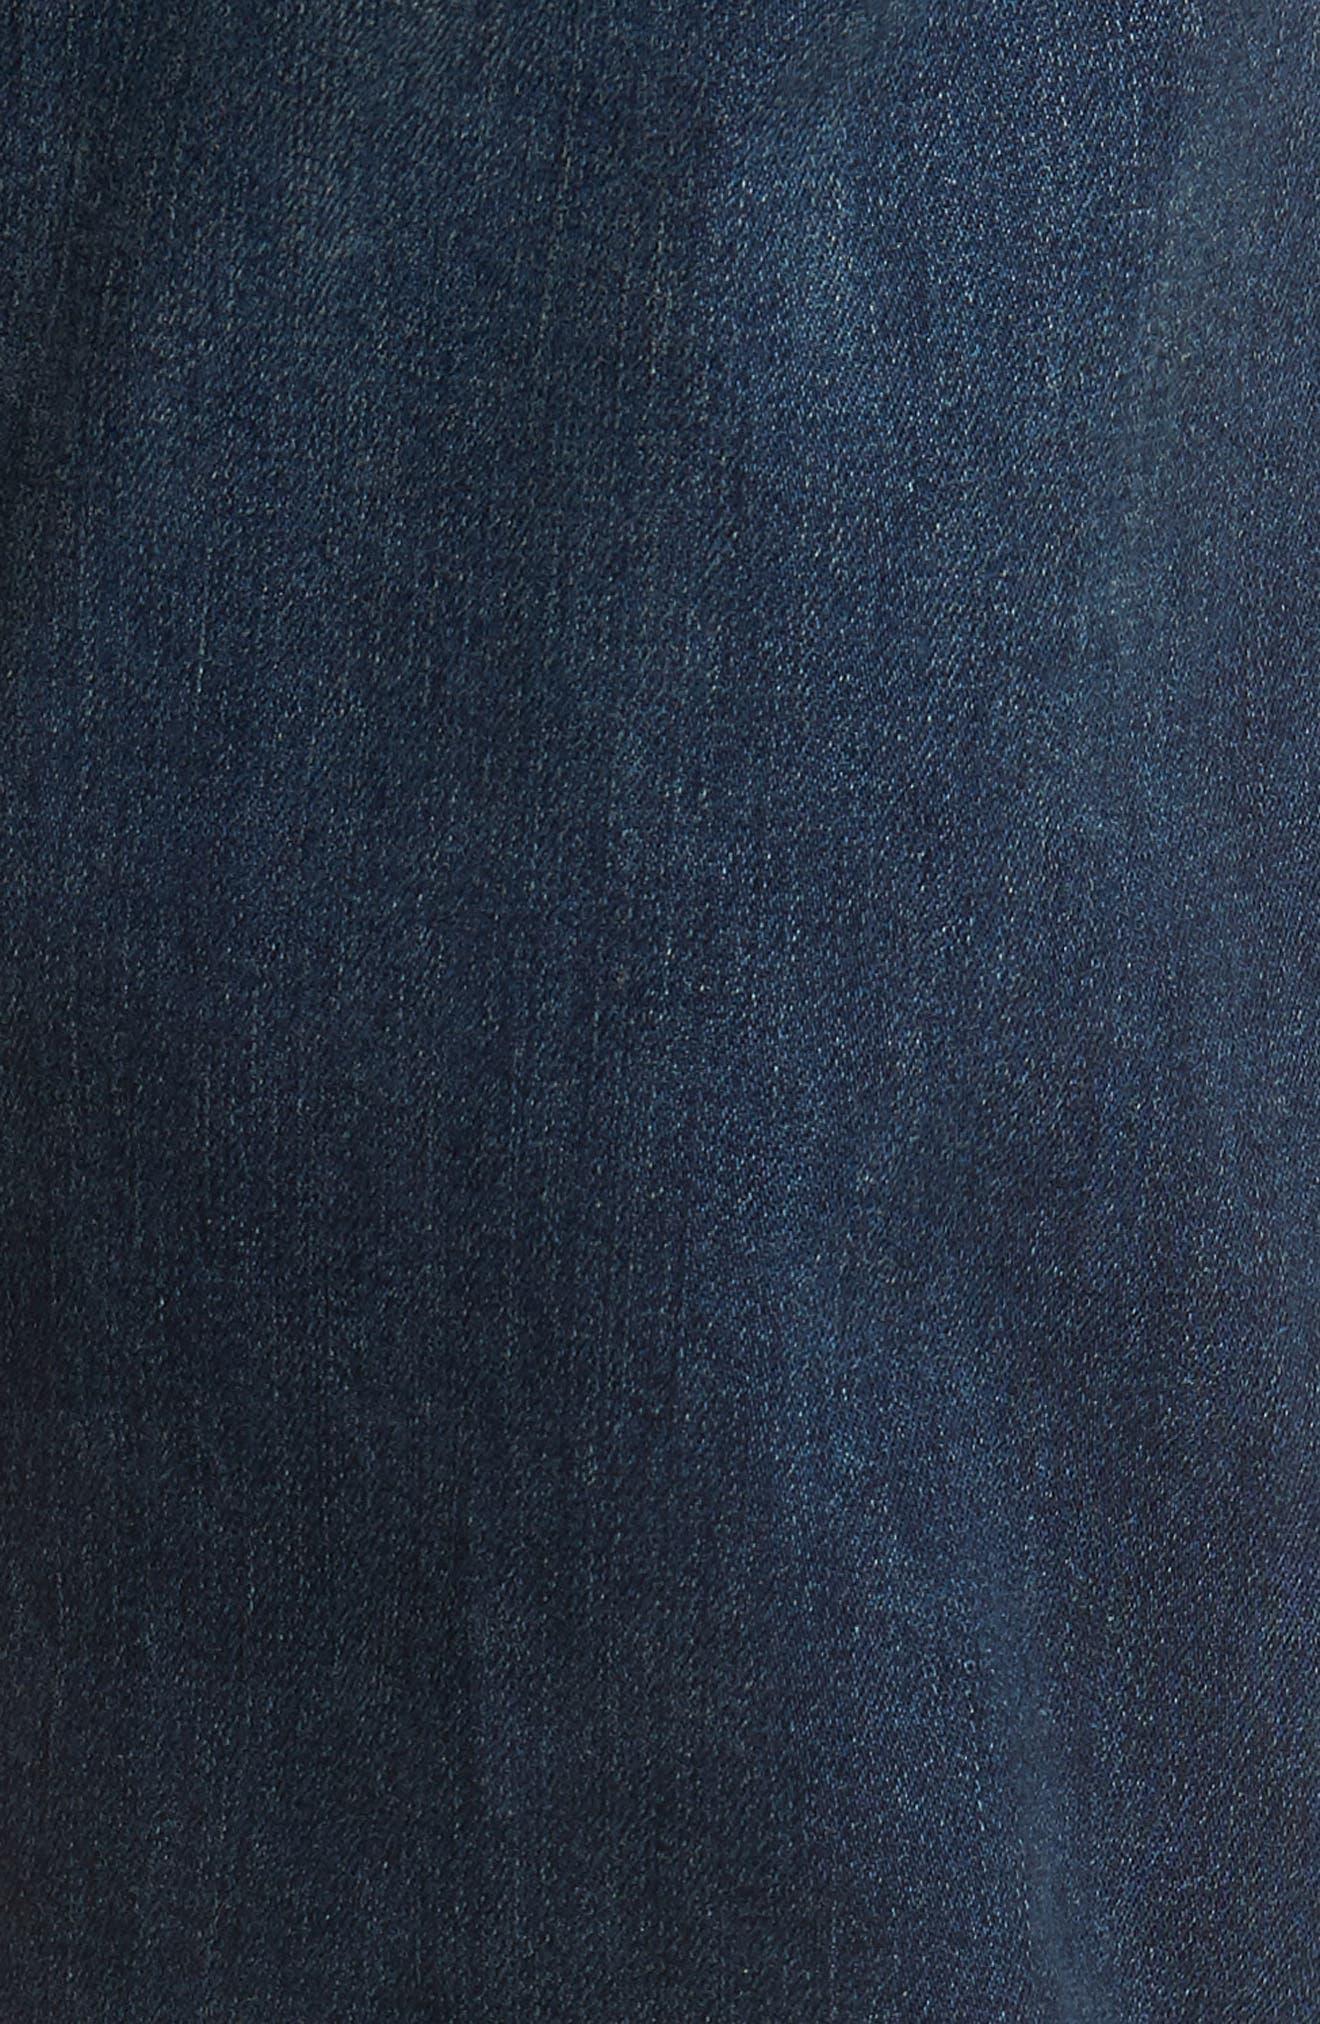 Core Slim Fit Jeans,                             Alternate thumbnail 5, color,                             Unison